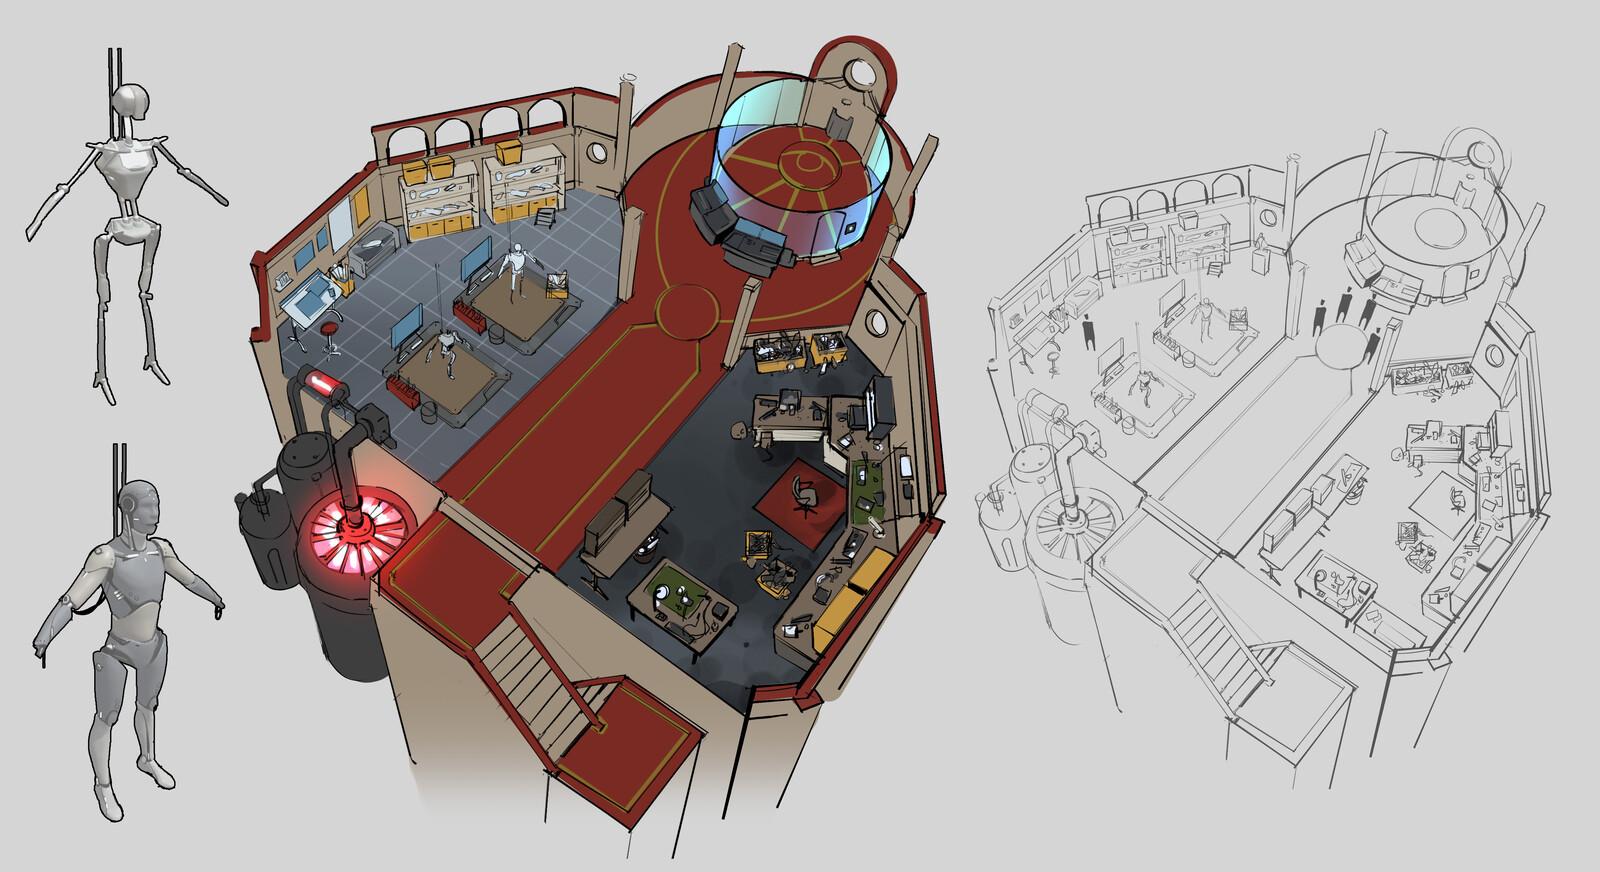 Workshop level design